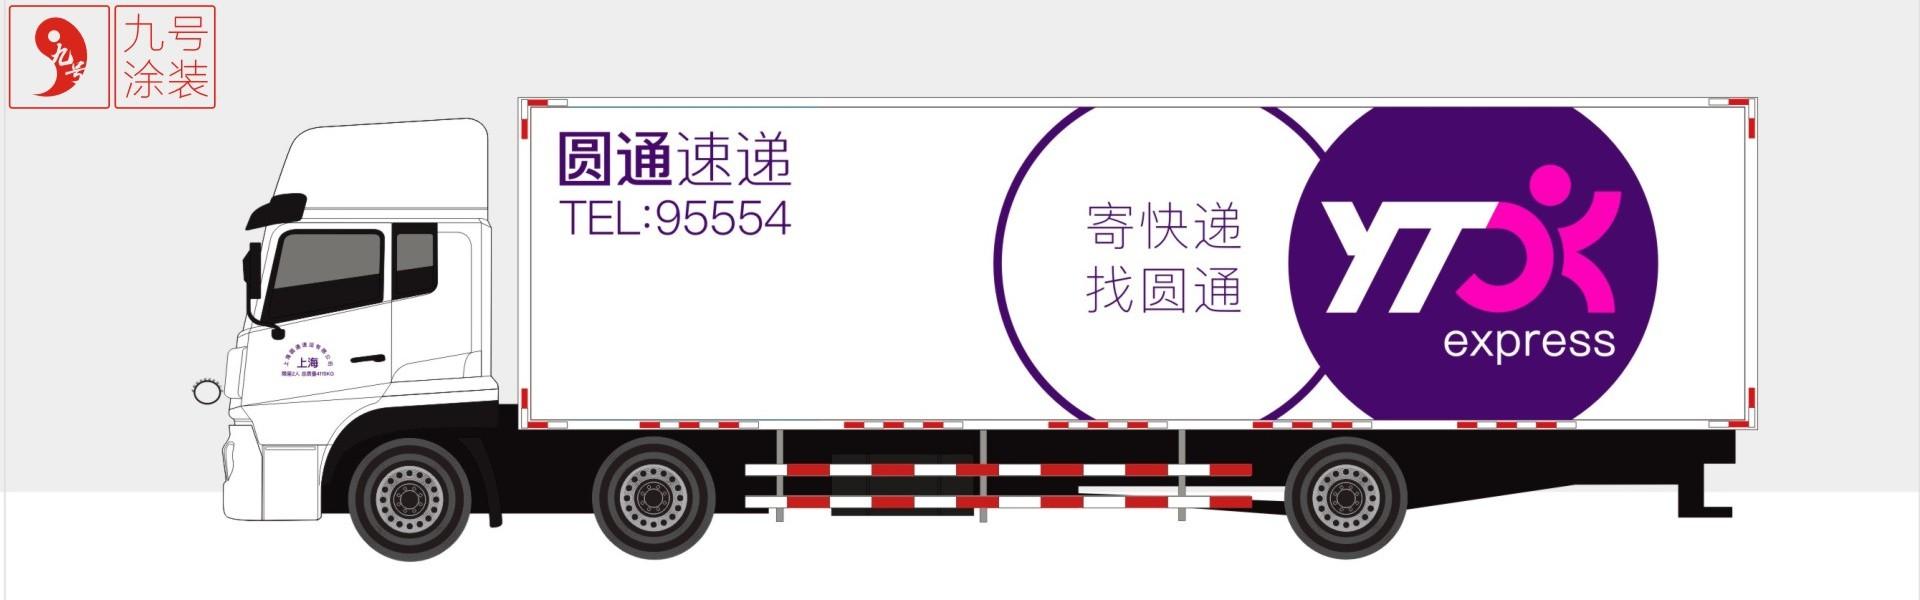 九号涂装-成都车身广告|成都车体广告|货车面包车挂车集装箱大巴车公交车|广告|车贴|喷漆|涂装